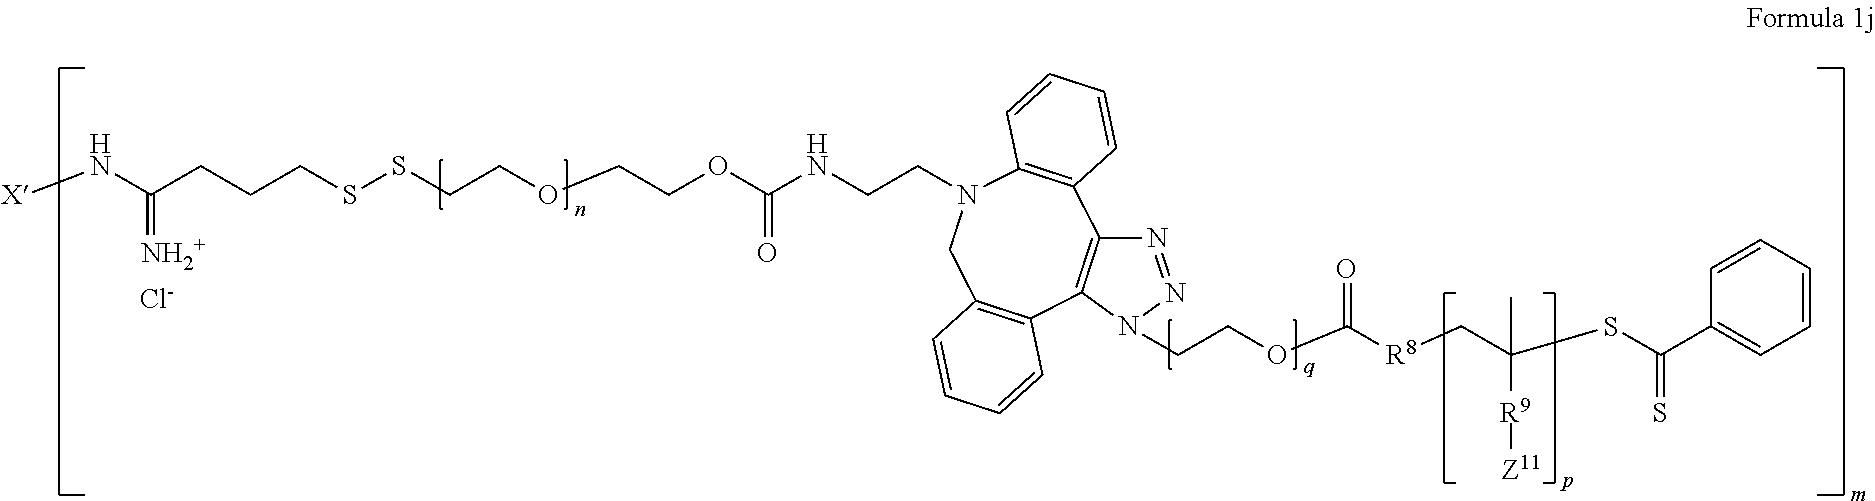 Figure US10046056-20180814-C00053